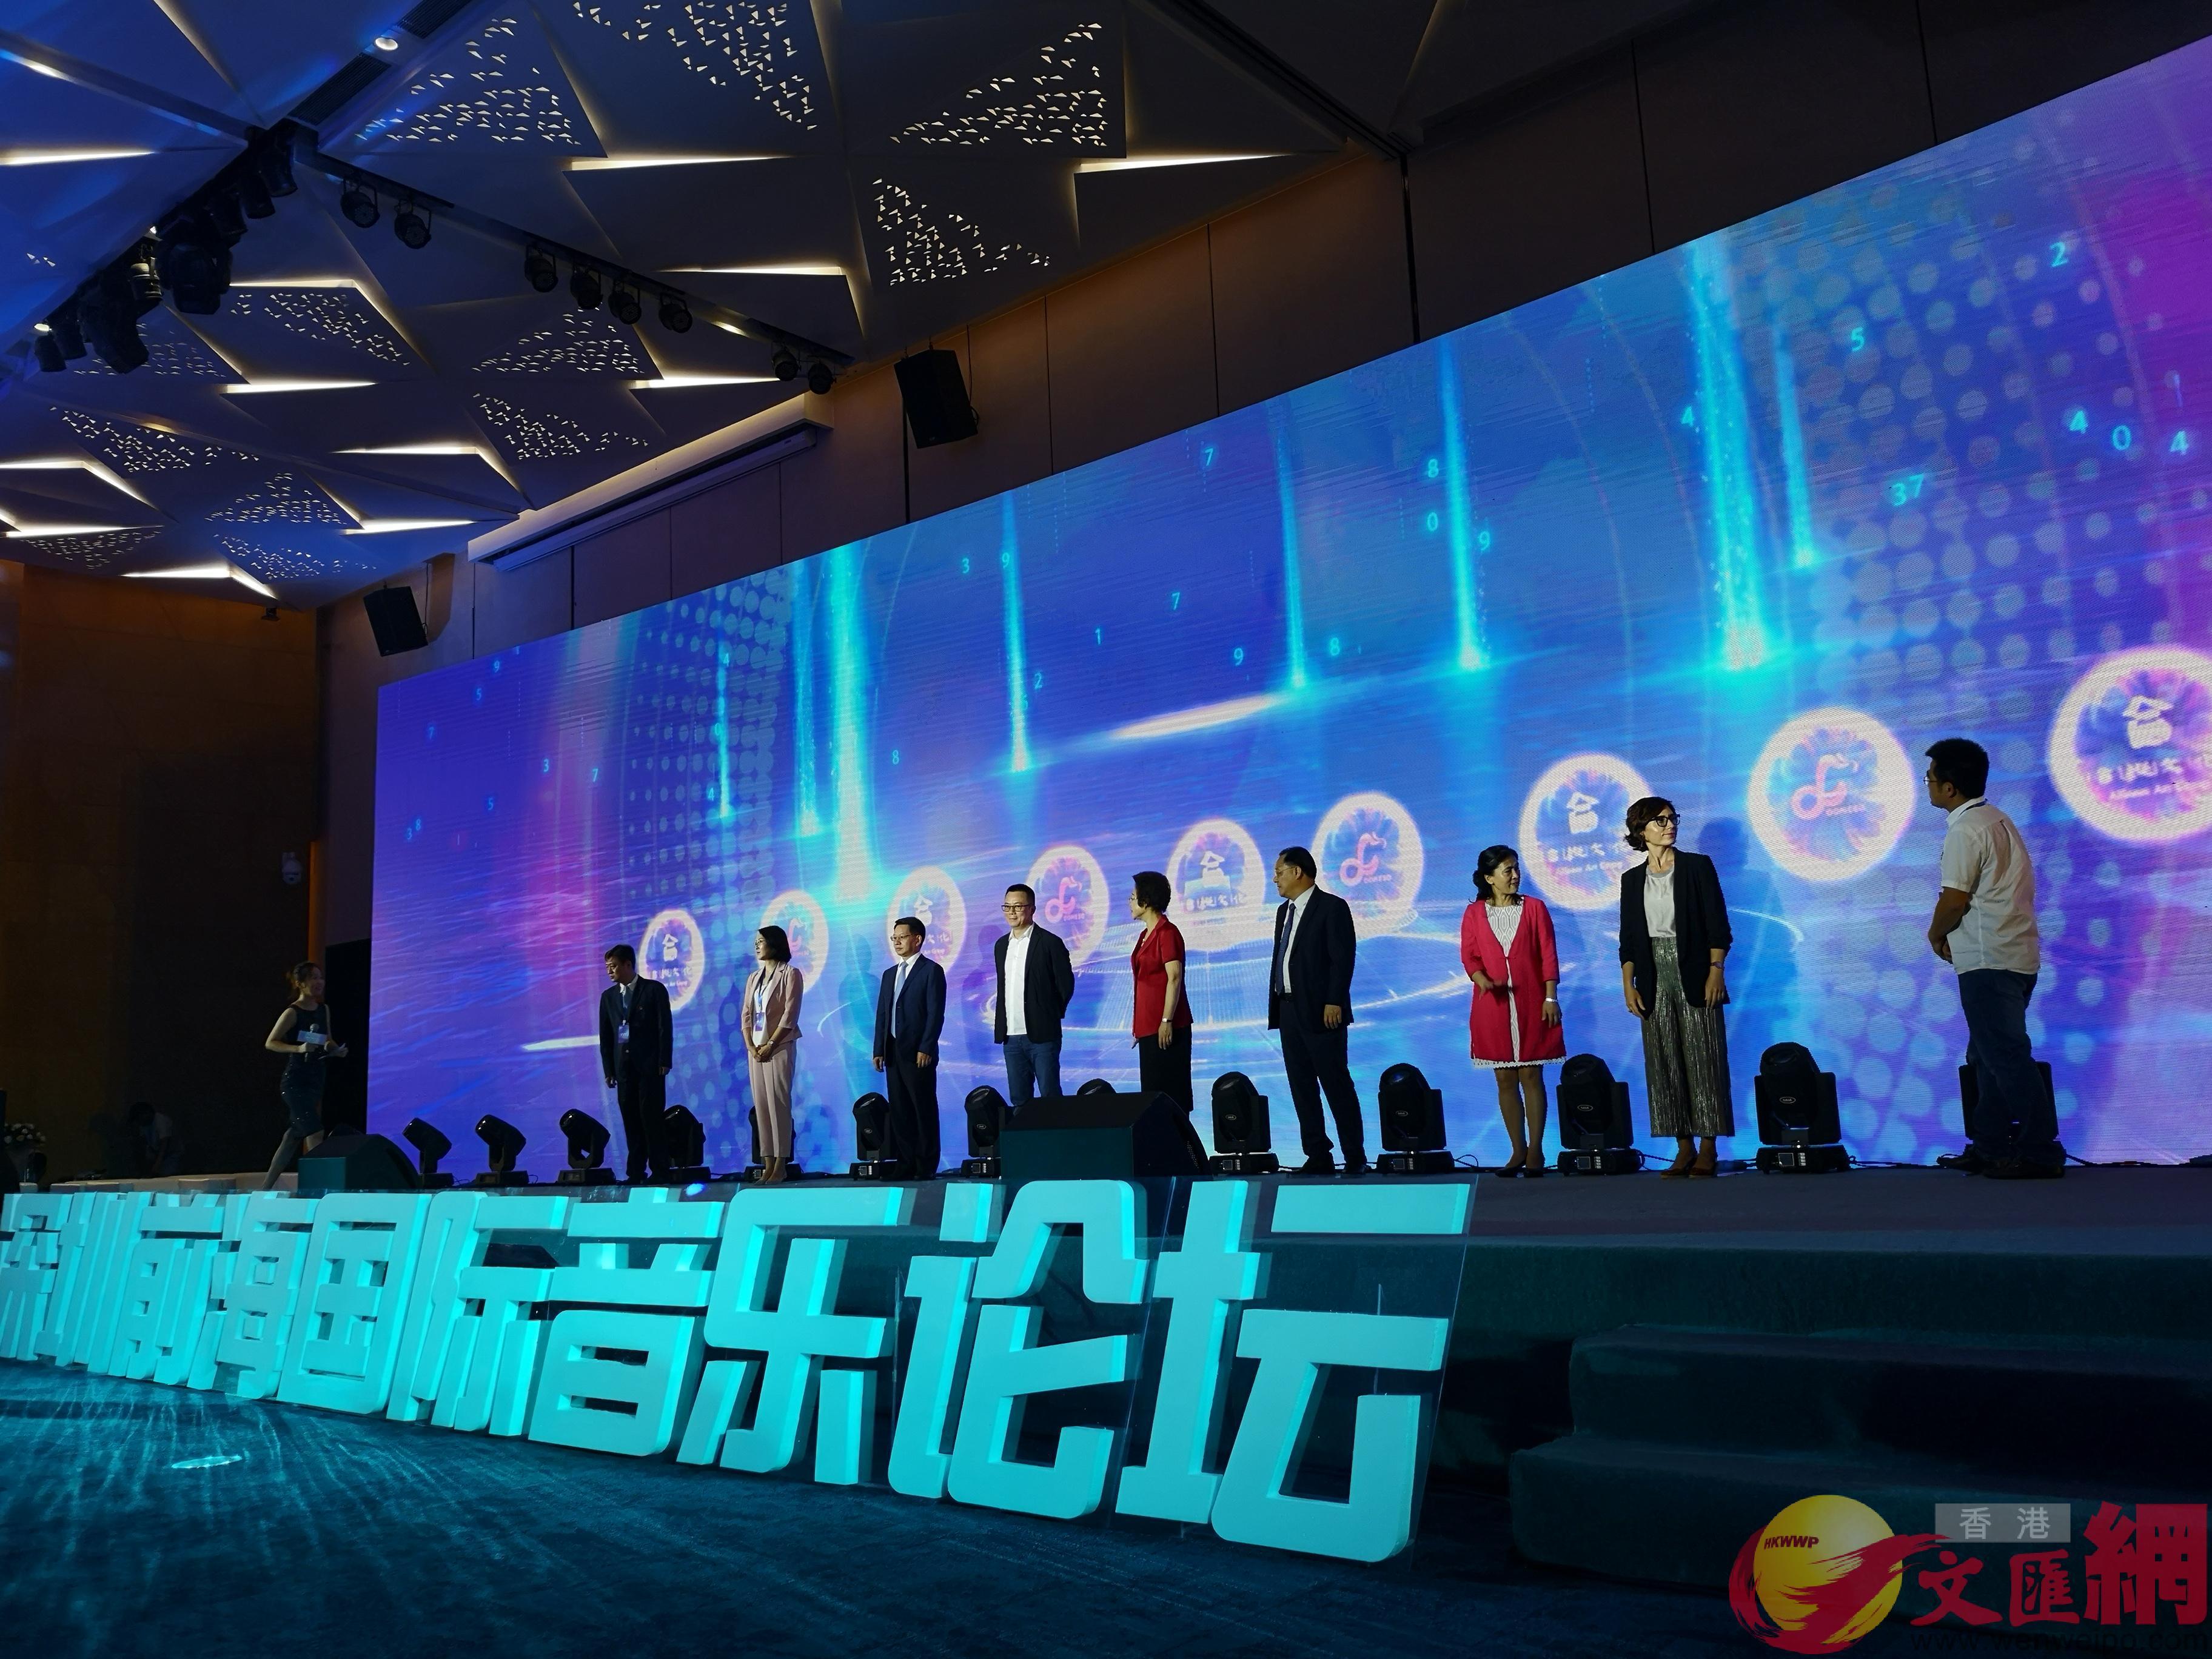 2019深圳前海•首屆國際音樂論壇啟動儀式。(胡永愛攝)